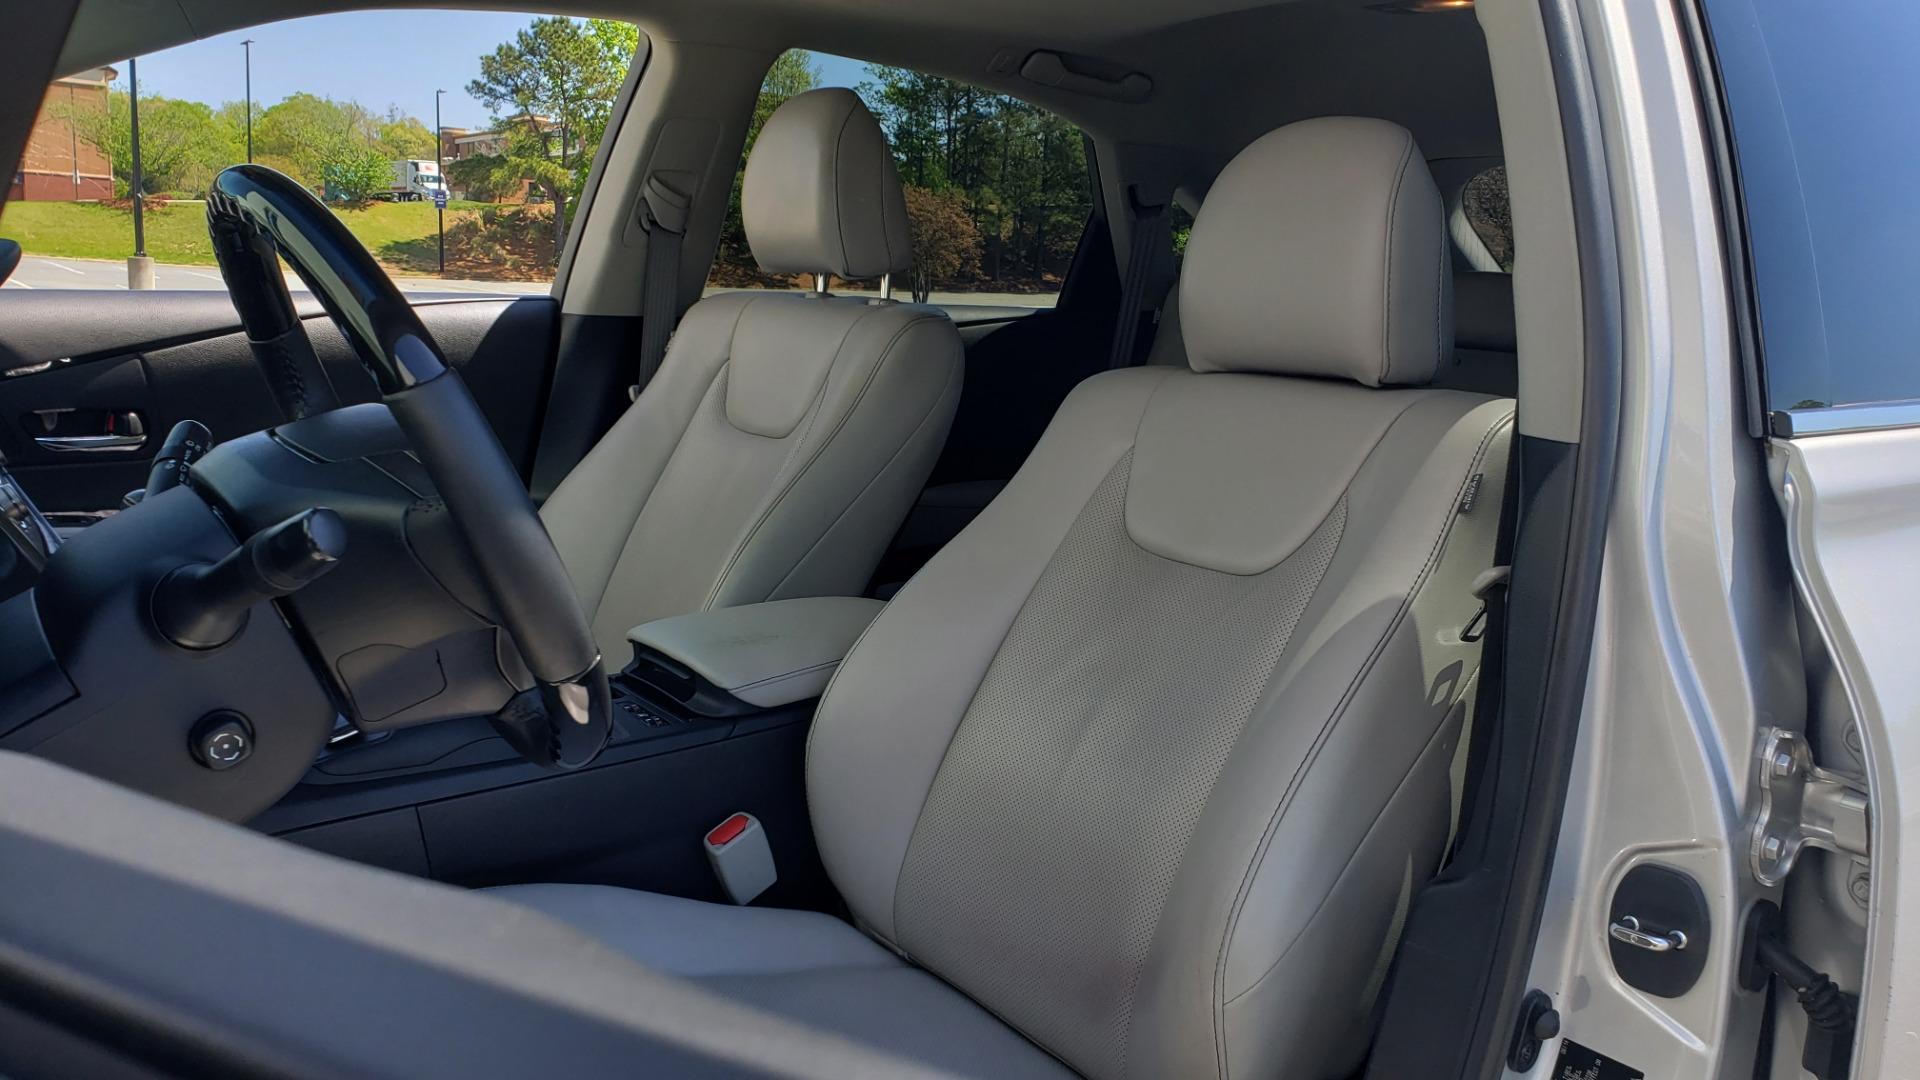 Used 2015 Lexus RX 450H AWD / PREM PKG / NAV / PARK ASST / HUD / BLIND SPOT MONITOR for sale Sold at Formula Imports in Charlotte NC 28227 36